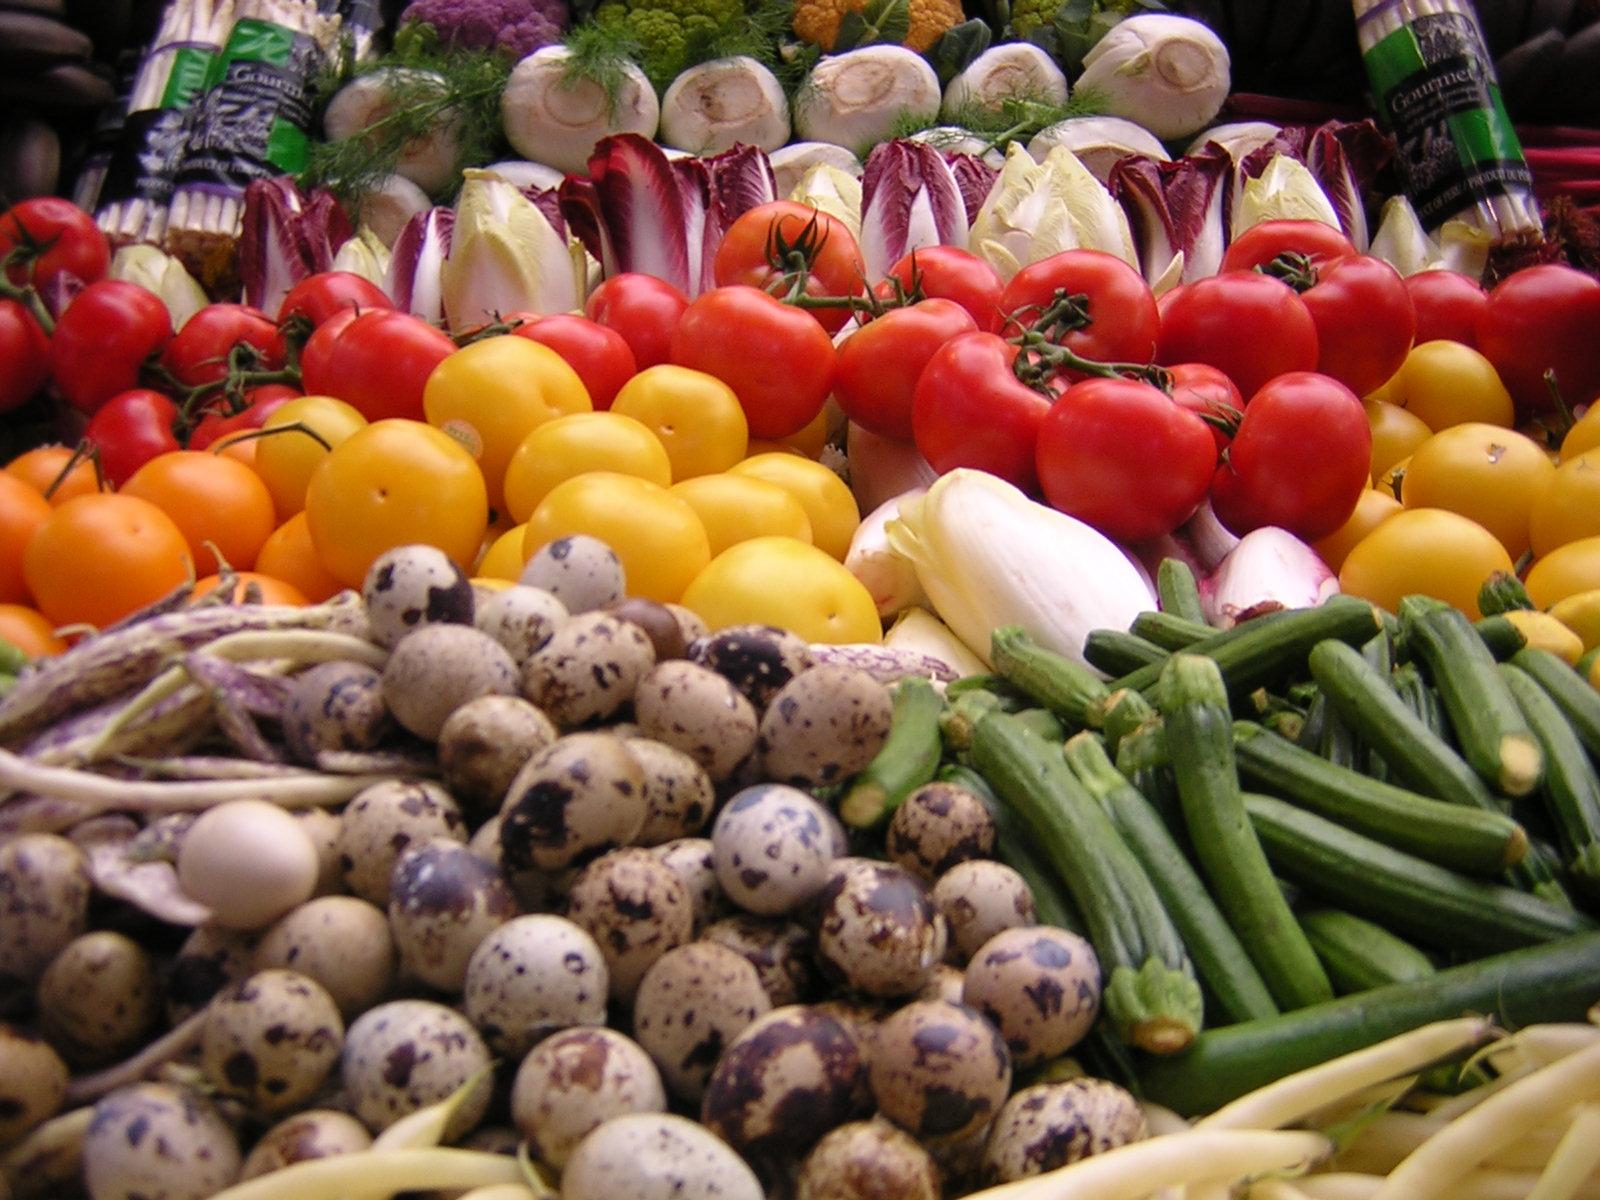 Precios de los alimentos bajaron en la última semana